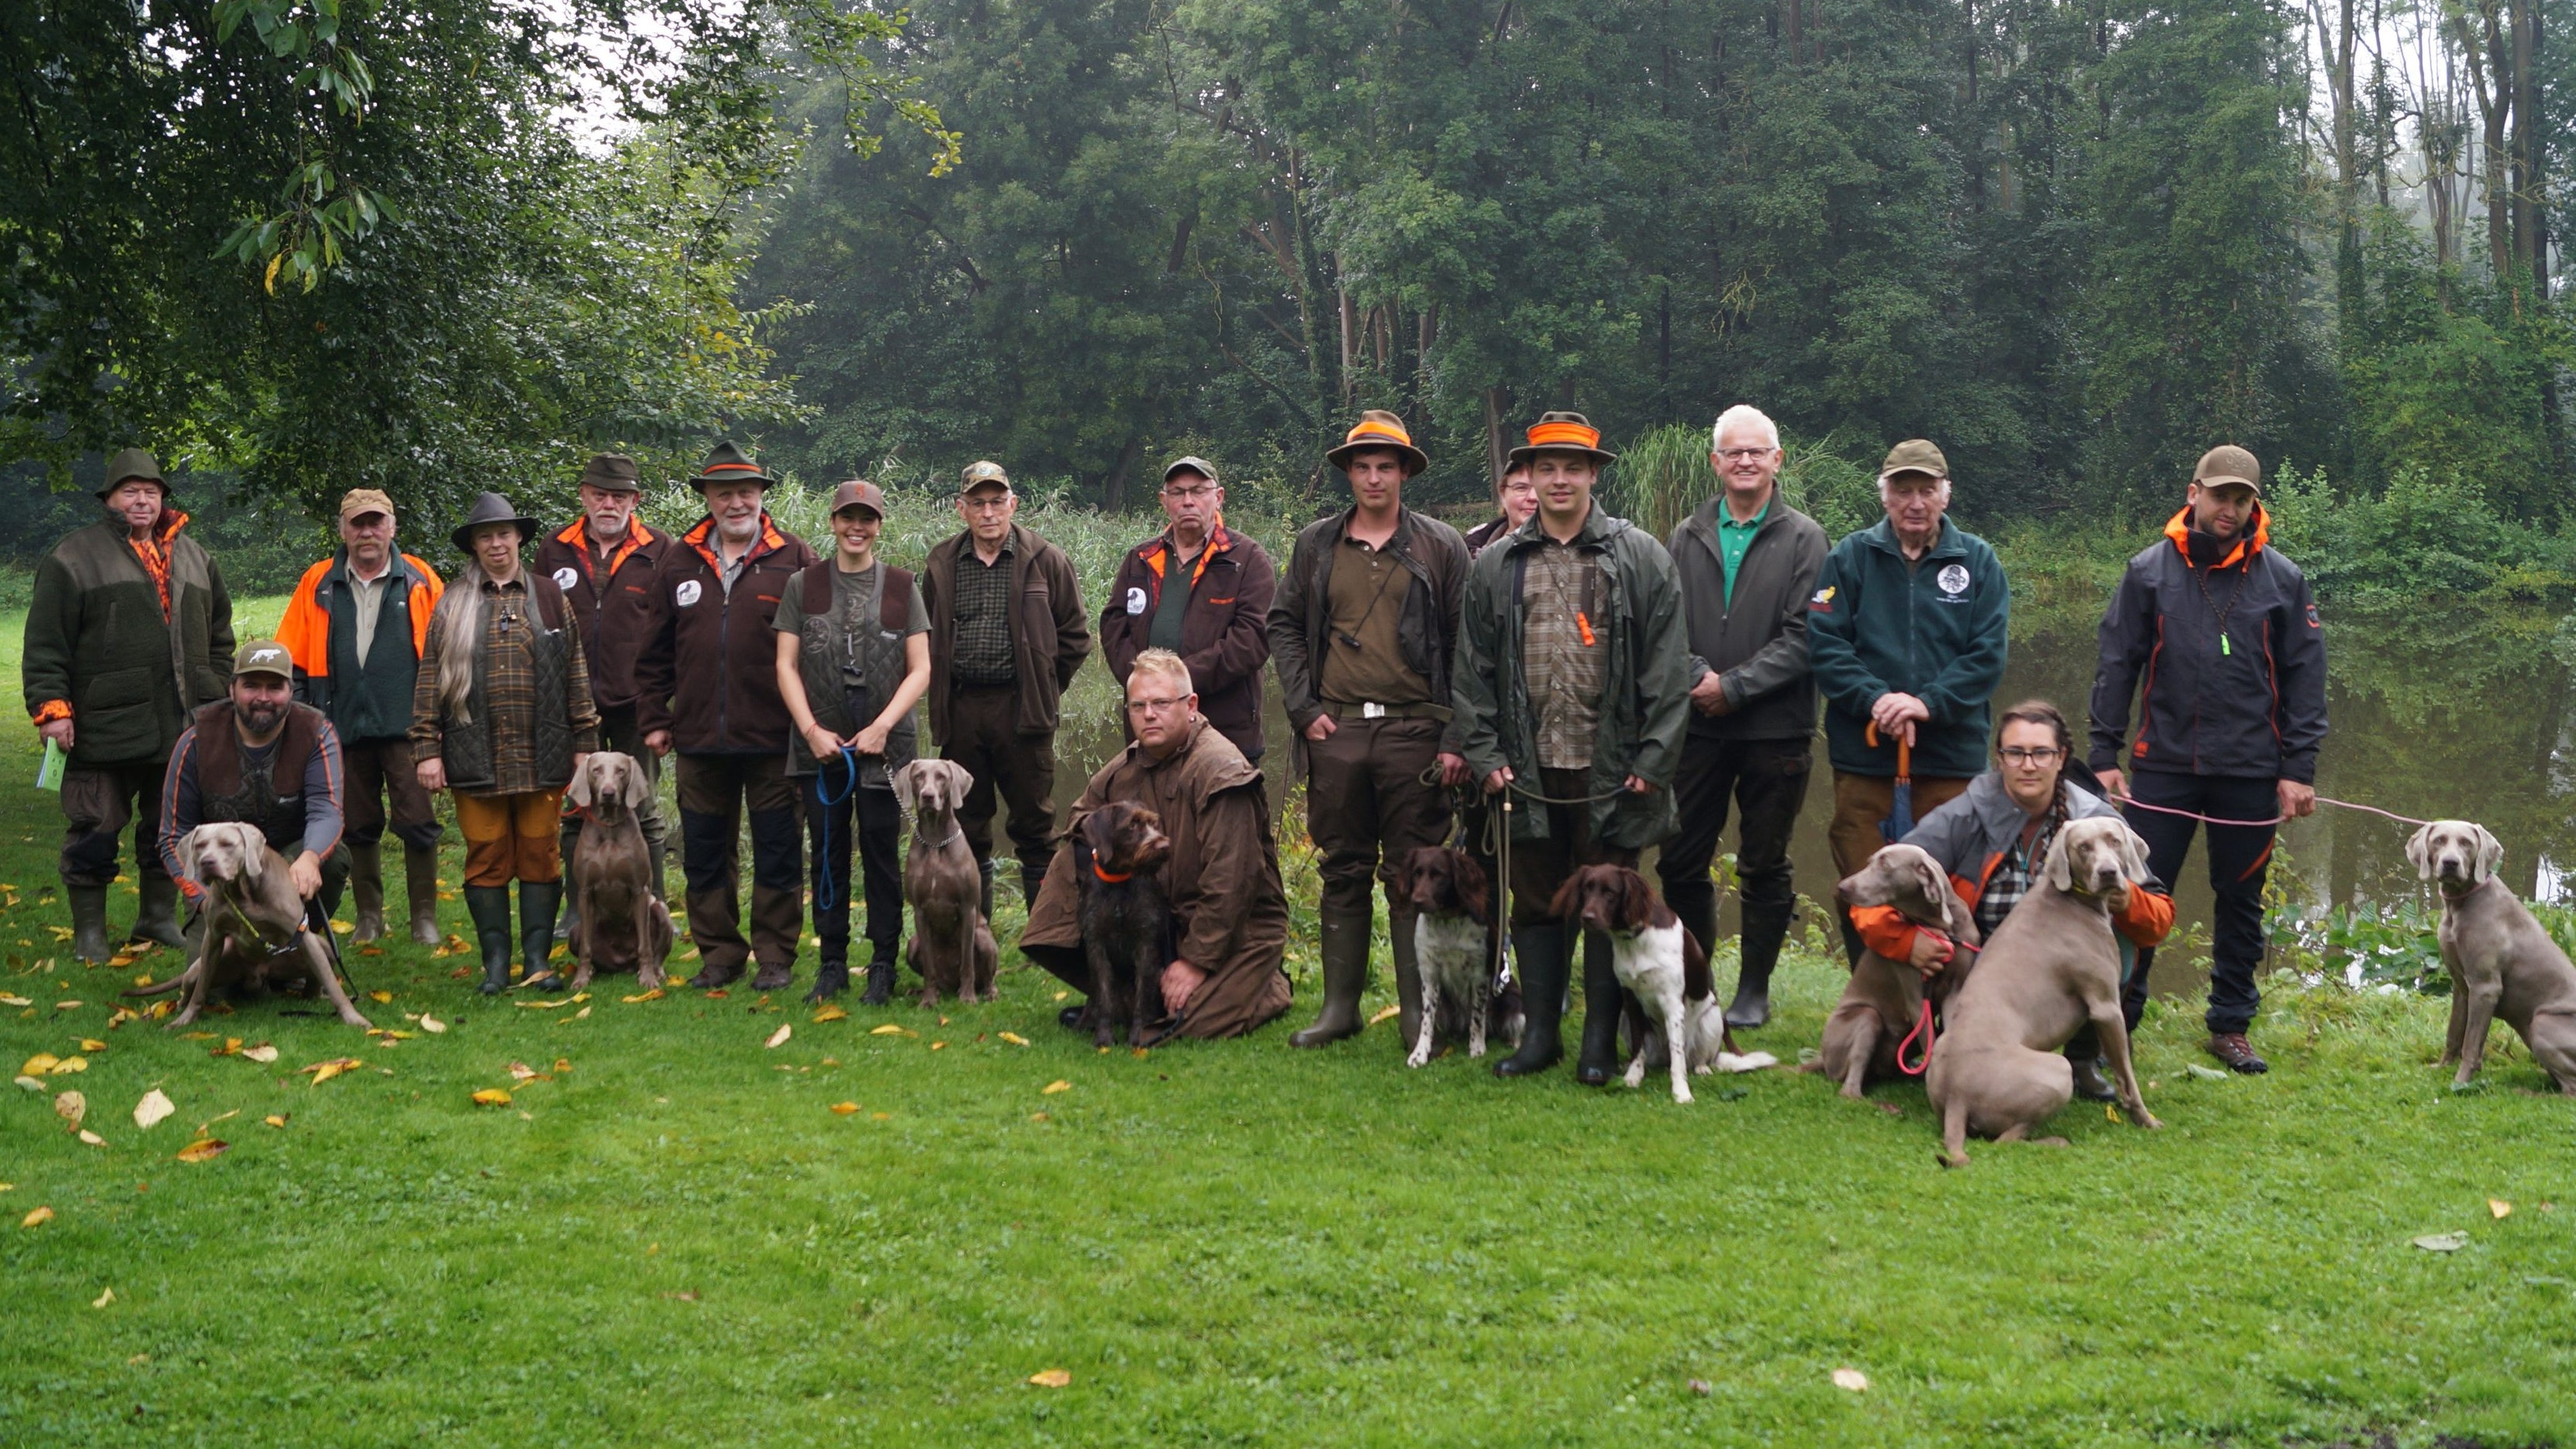 Noch ein gemeinsames Bild, bevor es losgeht: 8 Jägerinnen und Jäger haben kürzlich die sogenannte Herbstzuchtprüfung mit ihren Hunden in Visbek abgelegt. Darunter auch Teilnehmende aus Schweden und Norwegen. Foto: C. Meyer